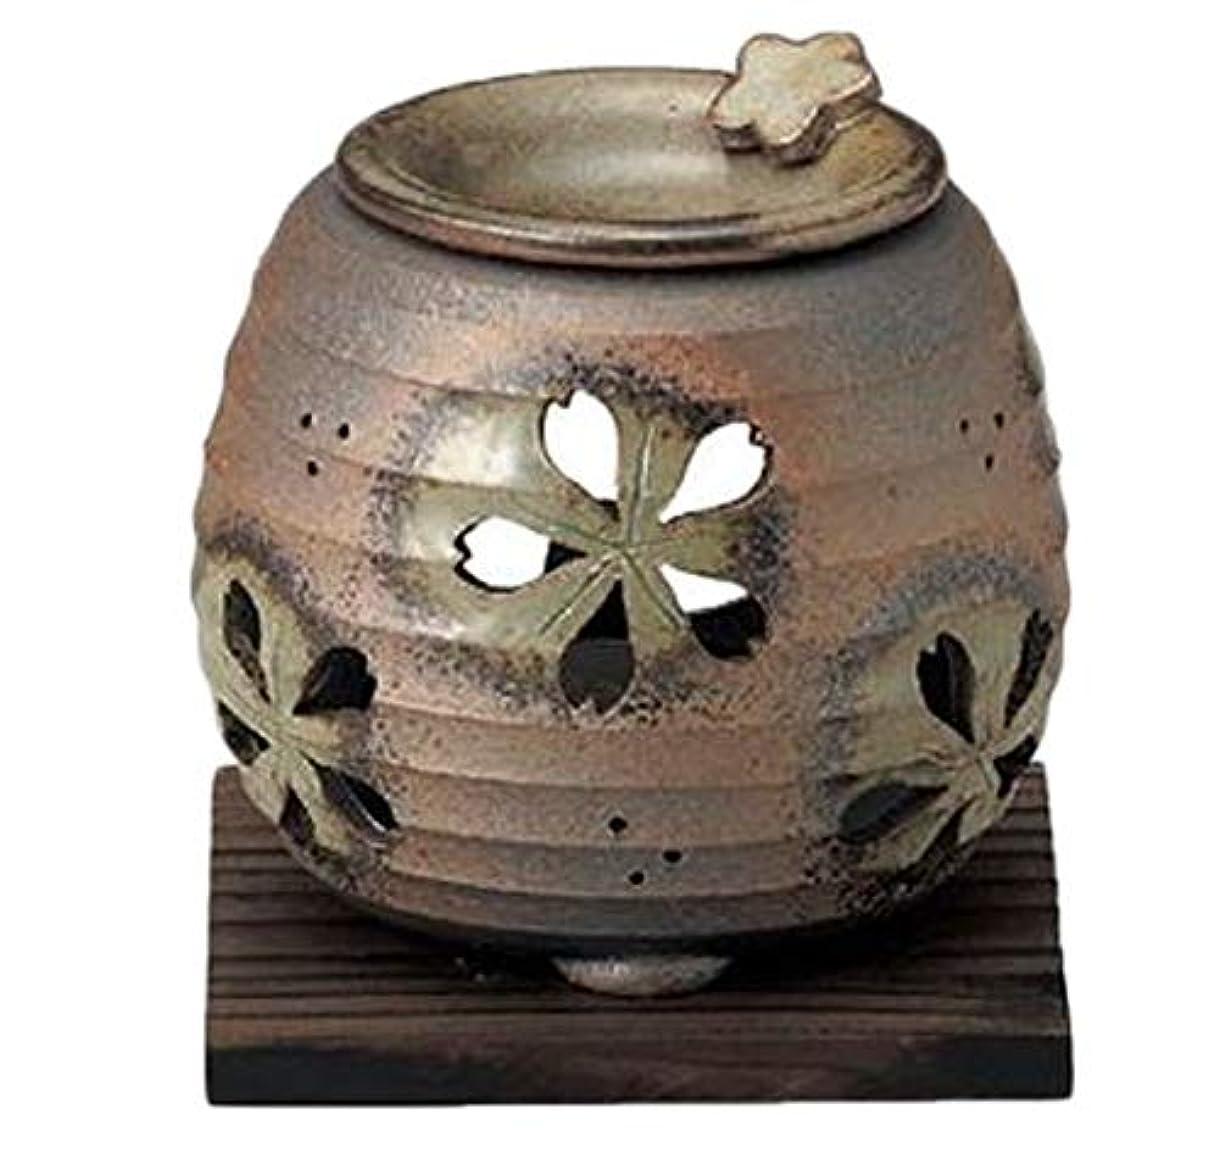 ビルダー吸うクリック常滑焼 6-249 石龍緑灰釉桜透かし茶香炉 石龍φ11×H11㎝